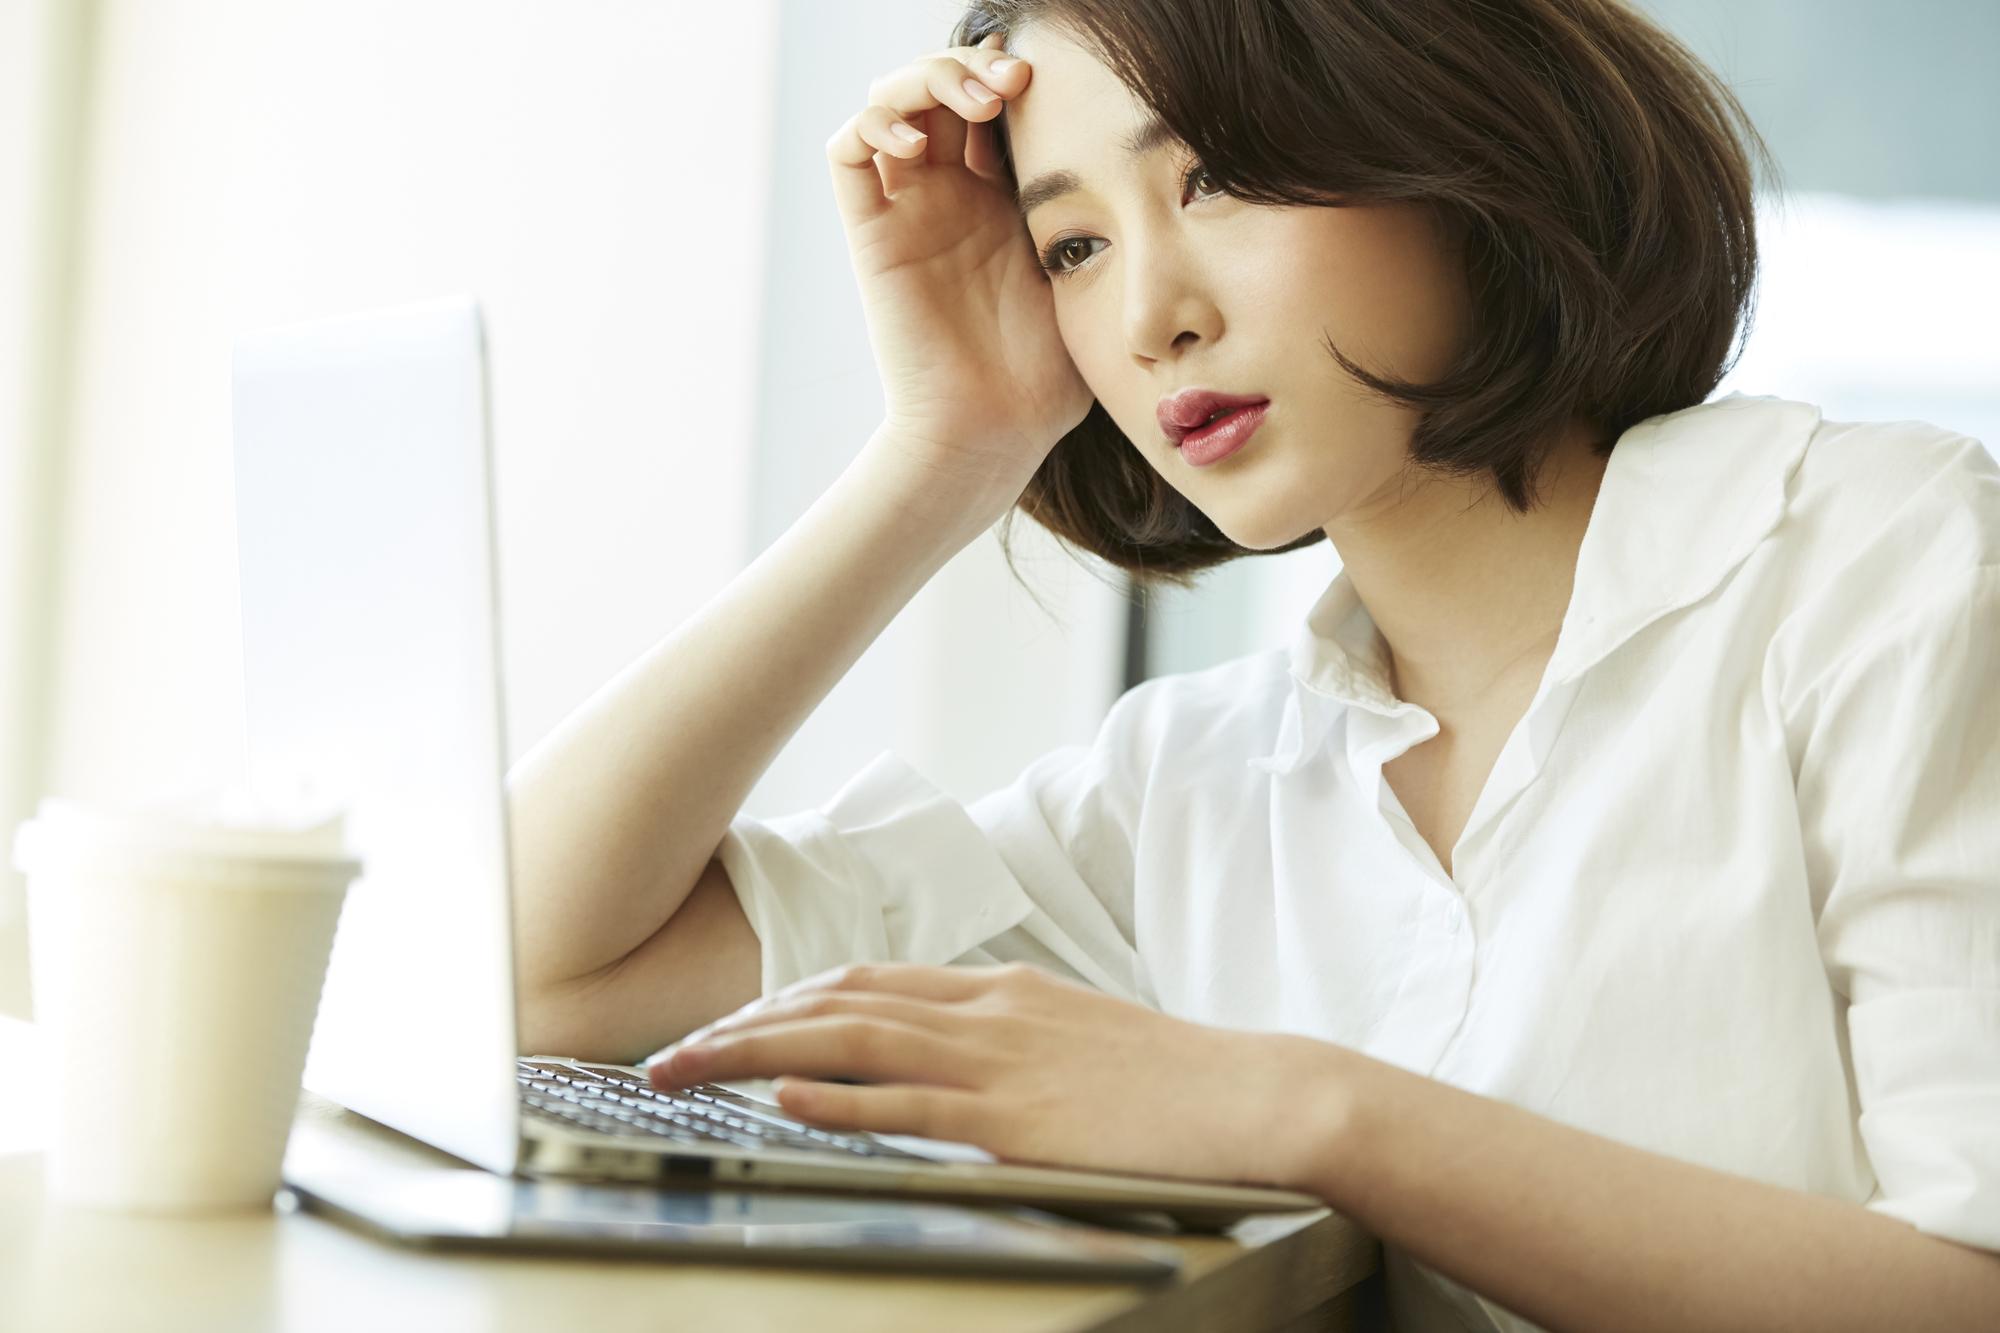 パソコンの画面を見ながら憂鬱そうな女性